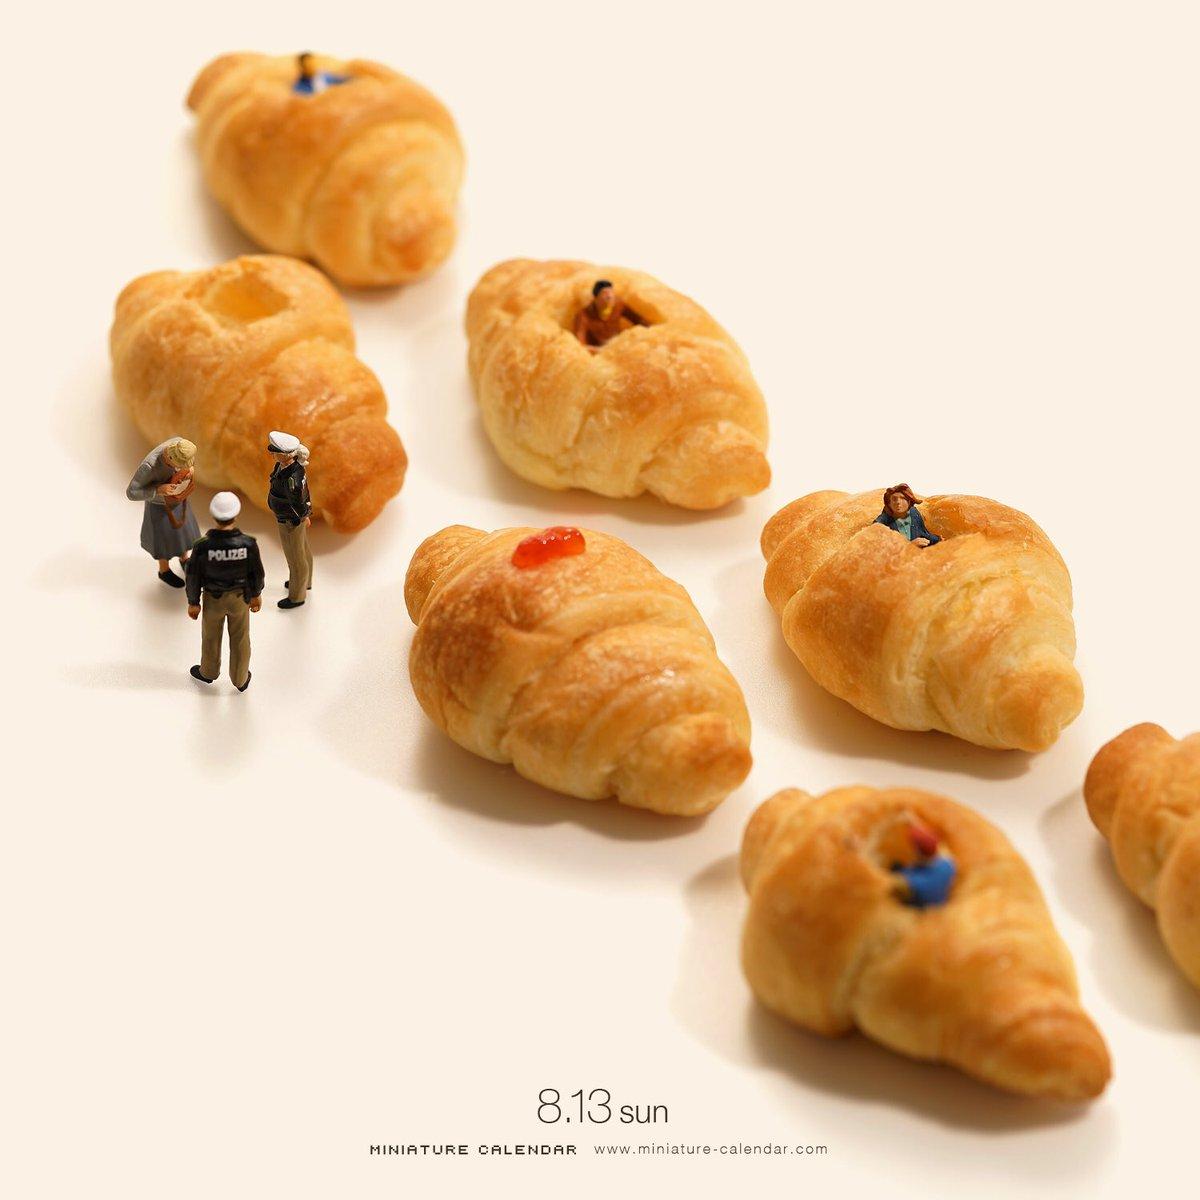 警察パンとスピード違パン